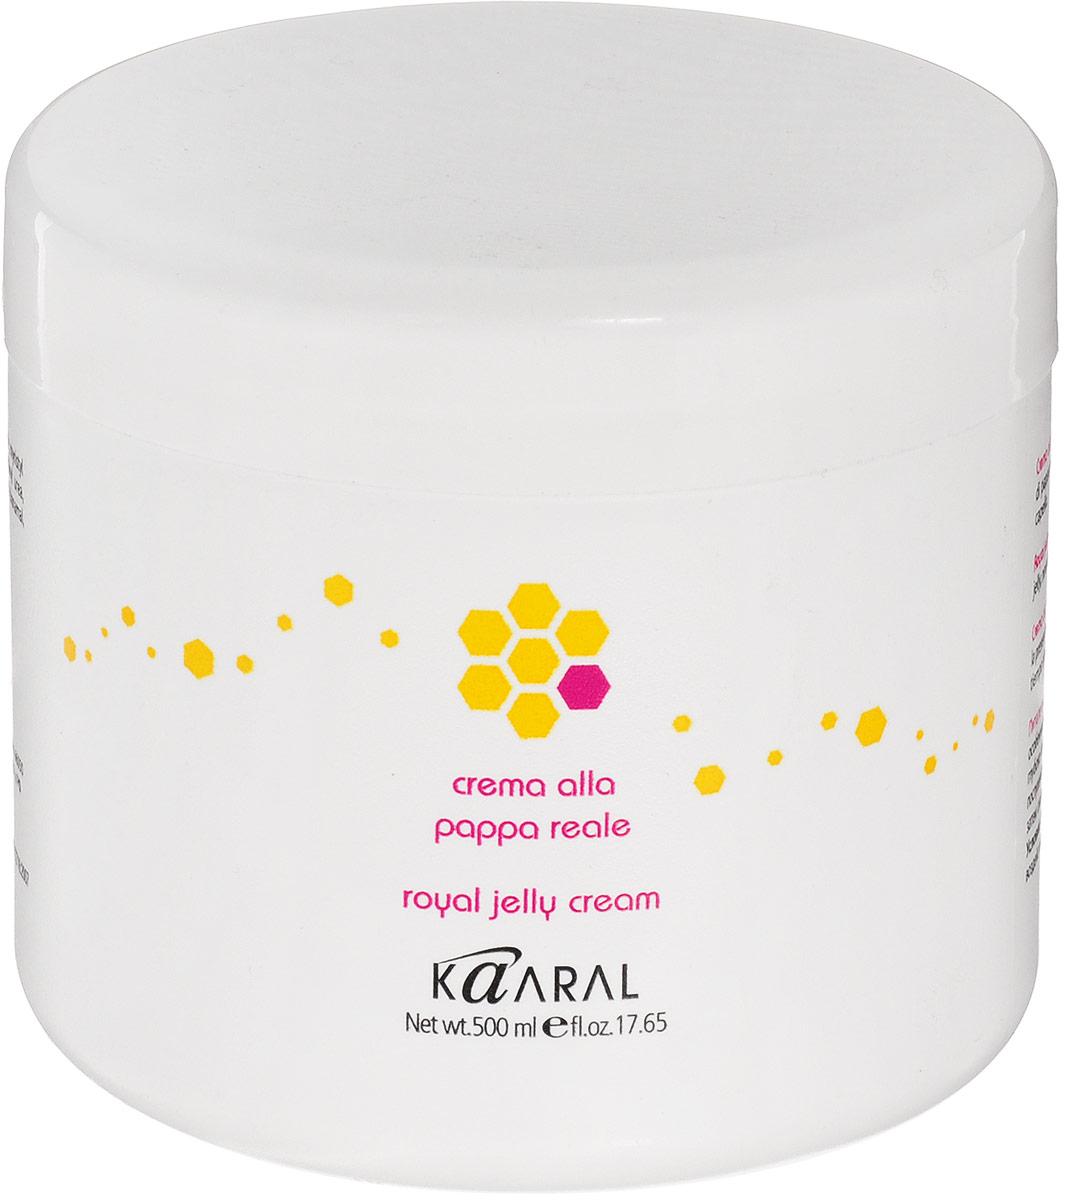 Kaaral Реконструирующая маска для волос с пчелиным маточным молочком Royal Jelly Cream, 500 мл004АМощный восстанавливающий комплекс для самых поврежденных волос. Наличие в составе пчелиного маточного молочка и более 110 активных ингредиентов (аминокислоты, протеины, поливитаминный комплекс и т.д.) позволяет восстановить и реанимировать любой силы поврежденные волосы. Желеобразная консистенция делает использование маски максимально экономичным и удобным. Легко смывается водой, не утяжеляет волосы, делая их послушными и шелковистыми.